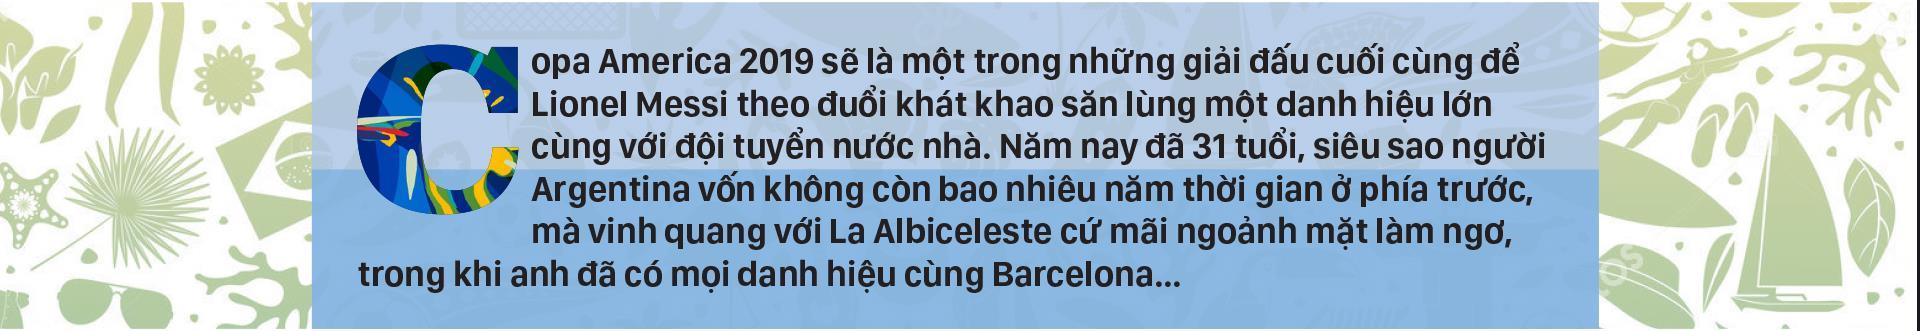 Bảng B: ARGENTINA - Nỗi khao khát của Messi ảnh 1